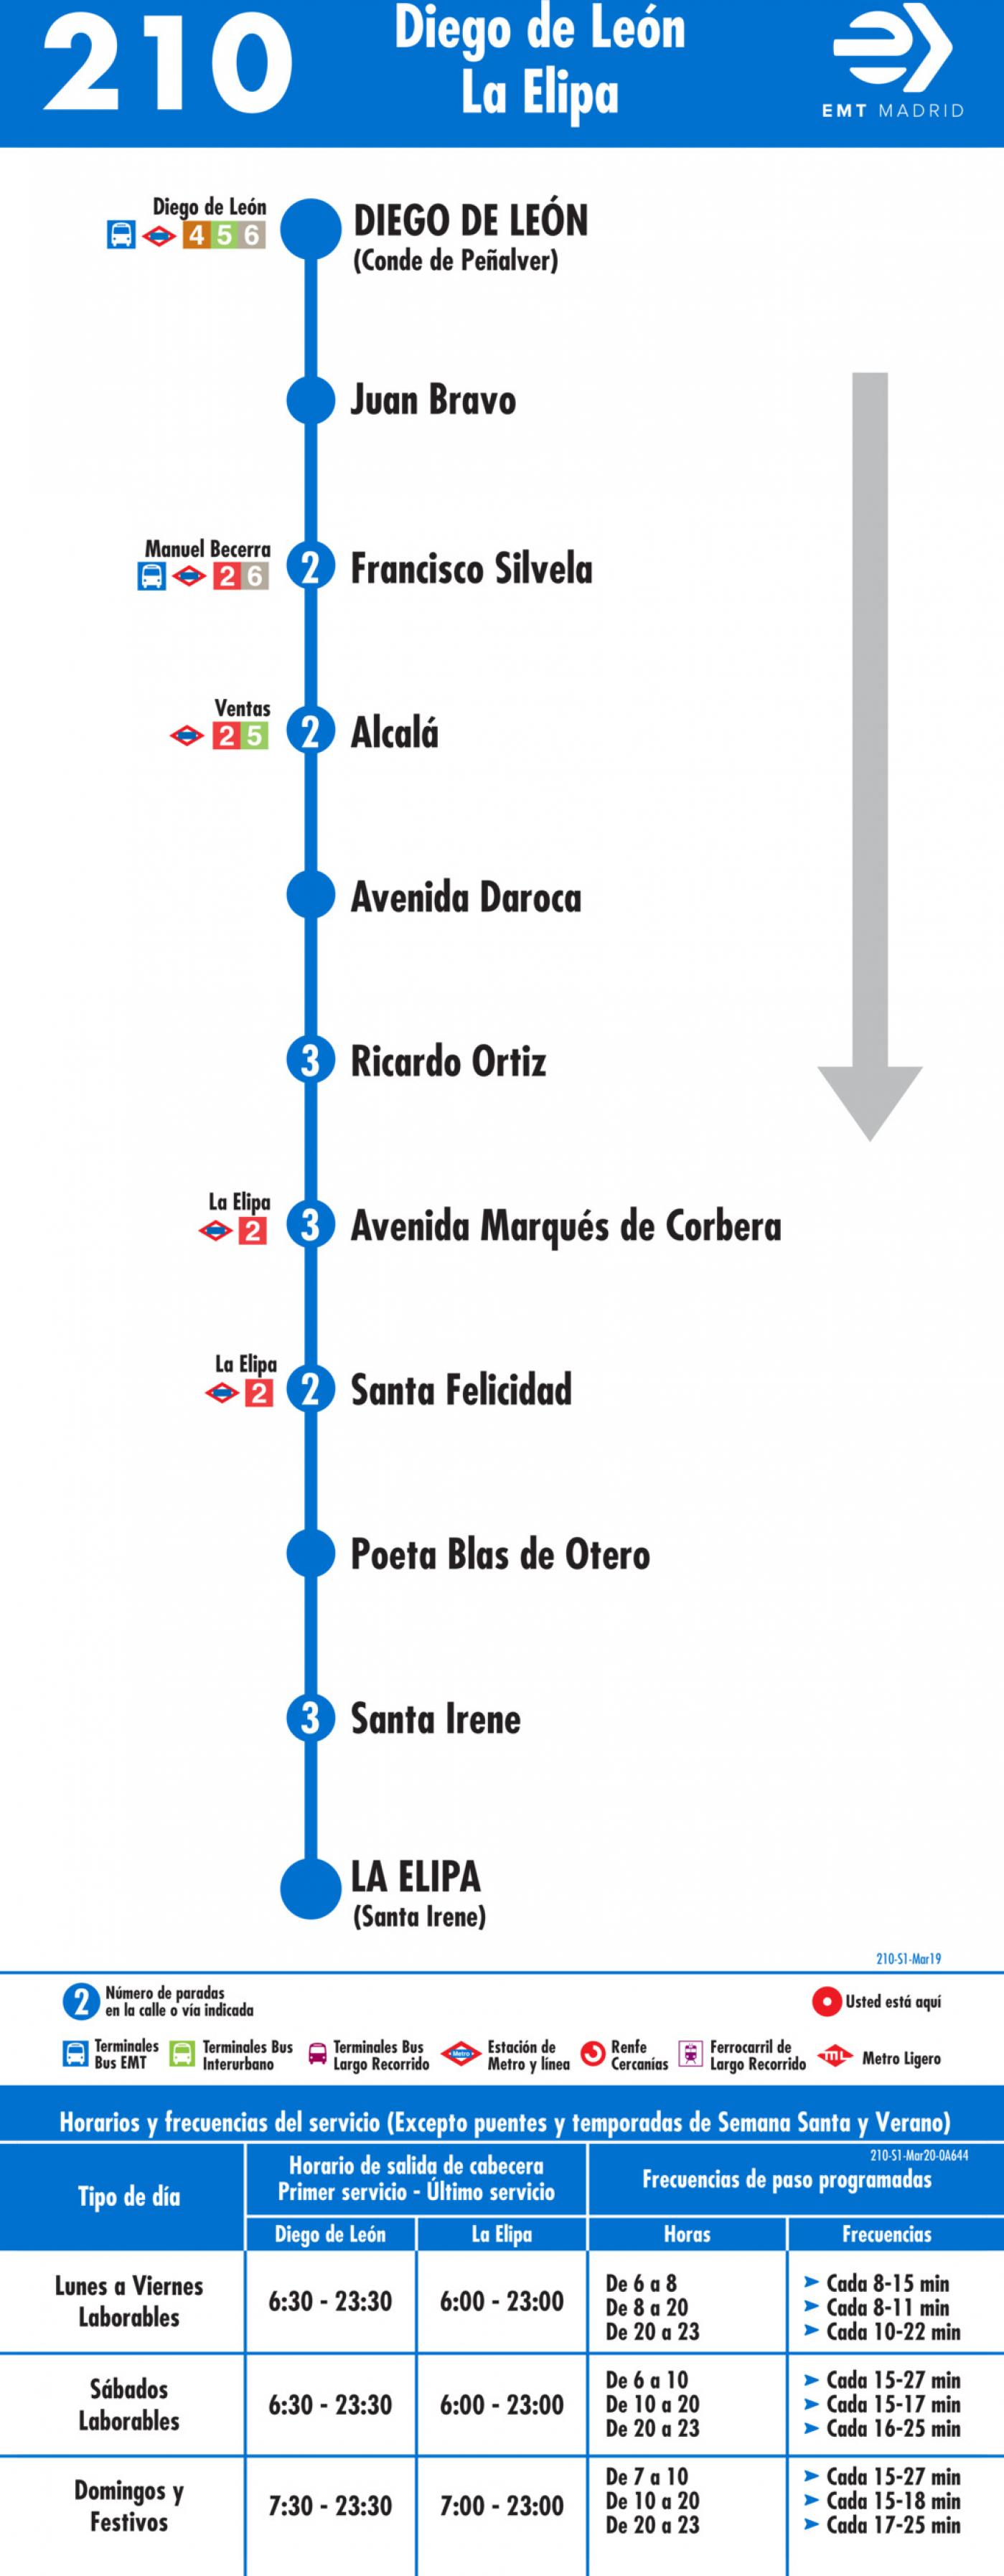 Tabla de horarios y frecuencias de paso en sentido ida Línea 210: Plaza de Manuel Becerra - La Elipa